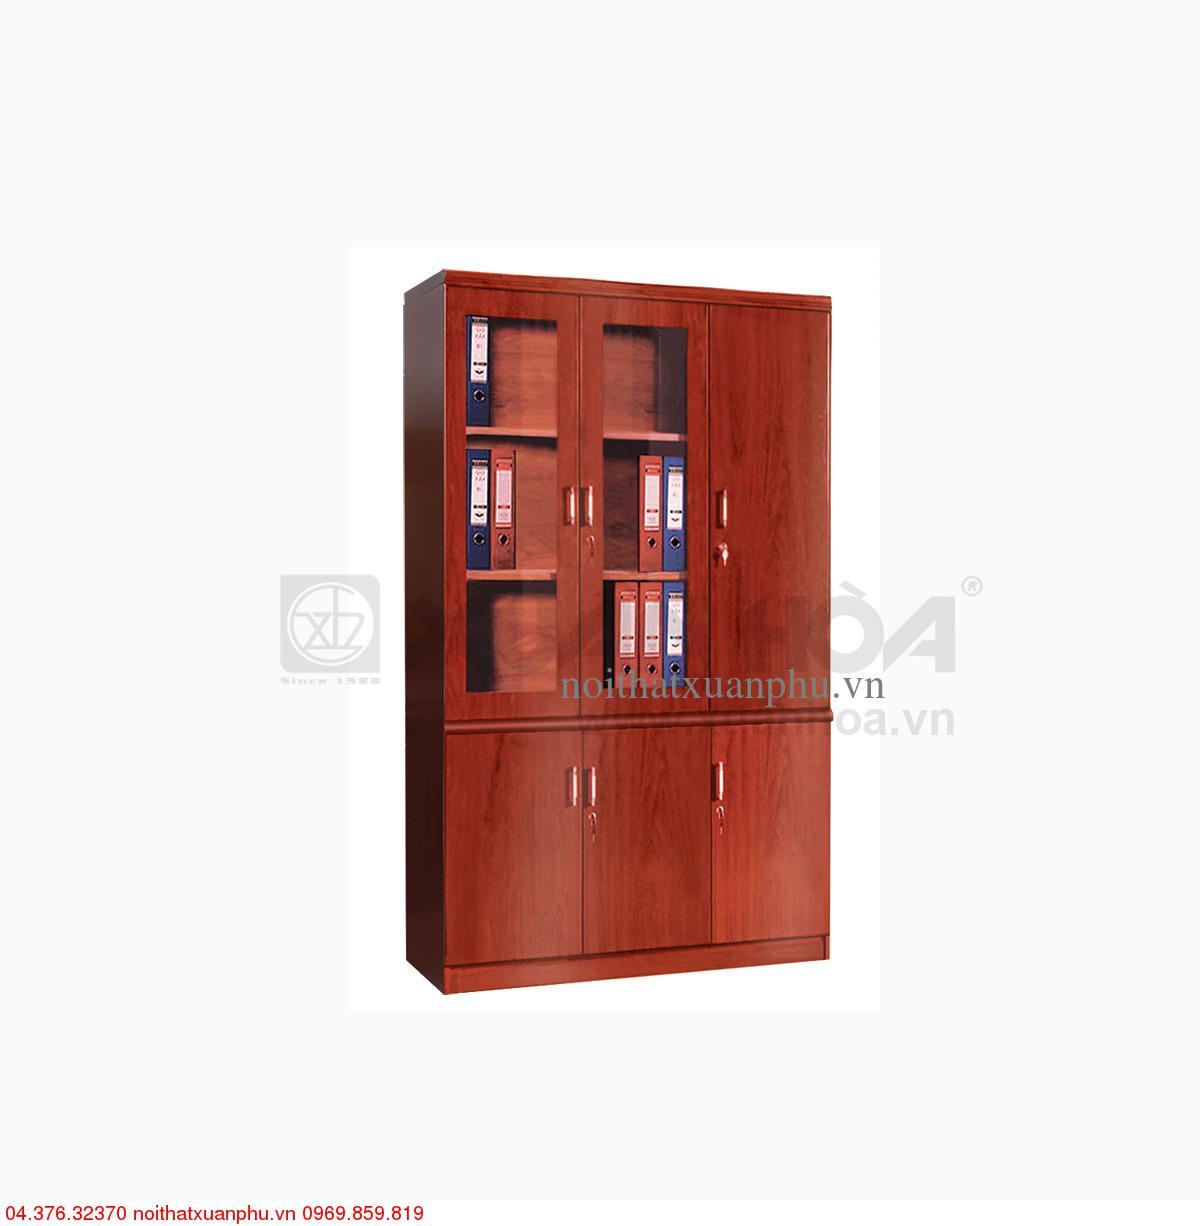 Hình ảnh sản phẩm Tủ gỗ sơn TGD-03-00-PU